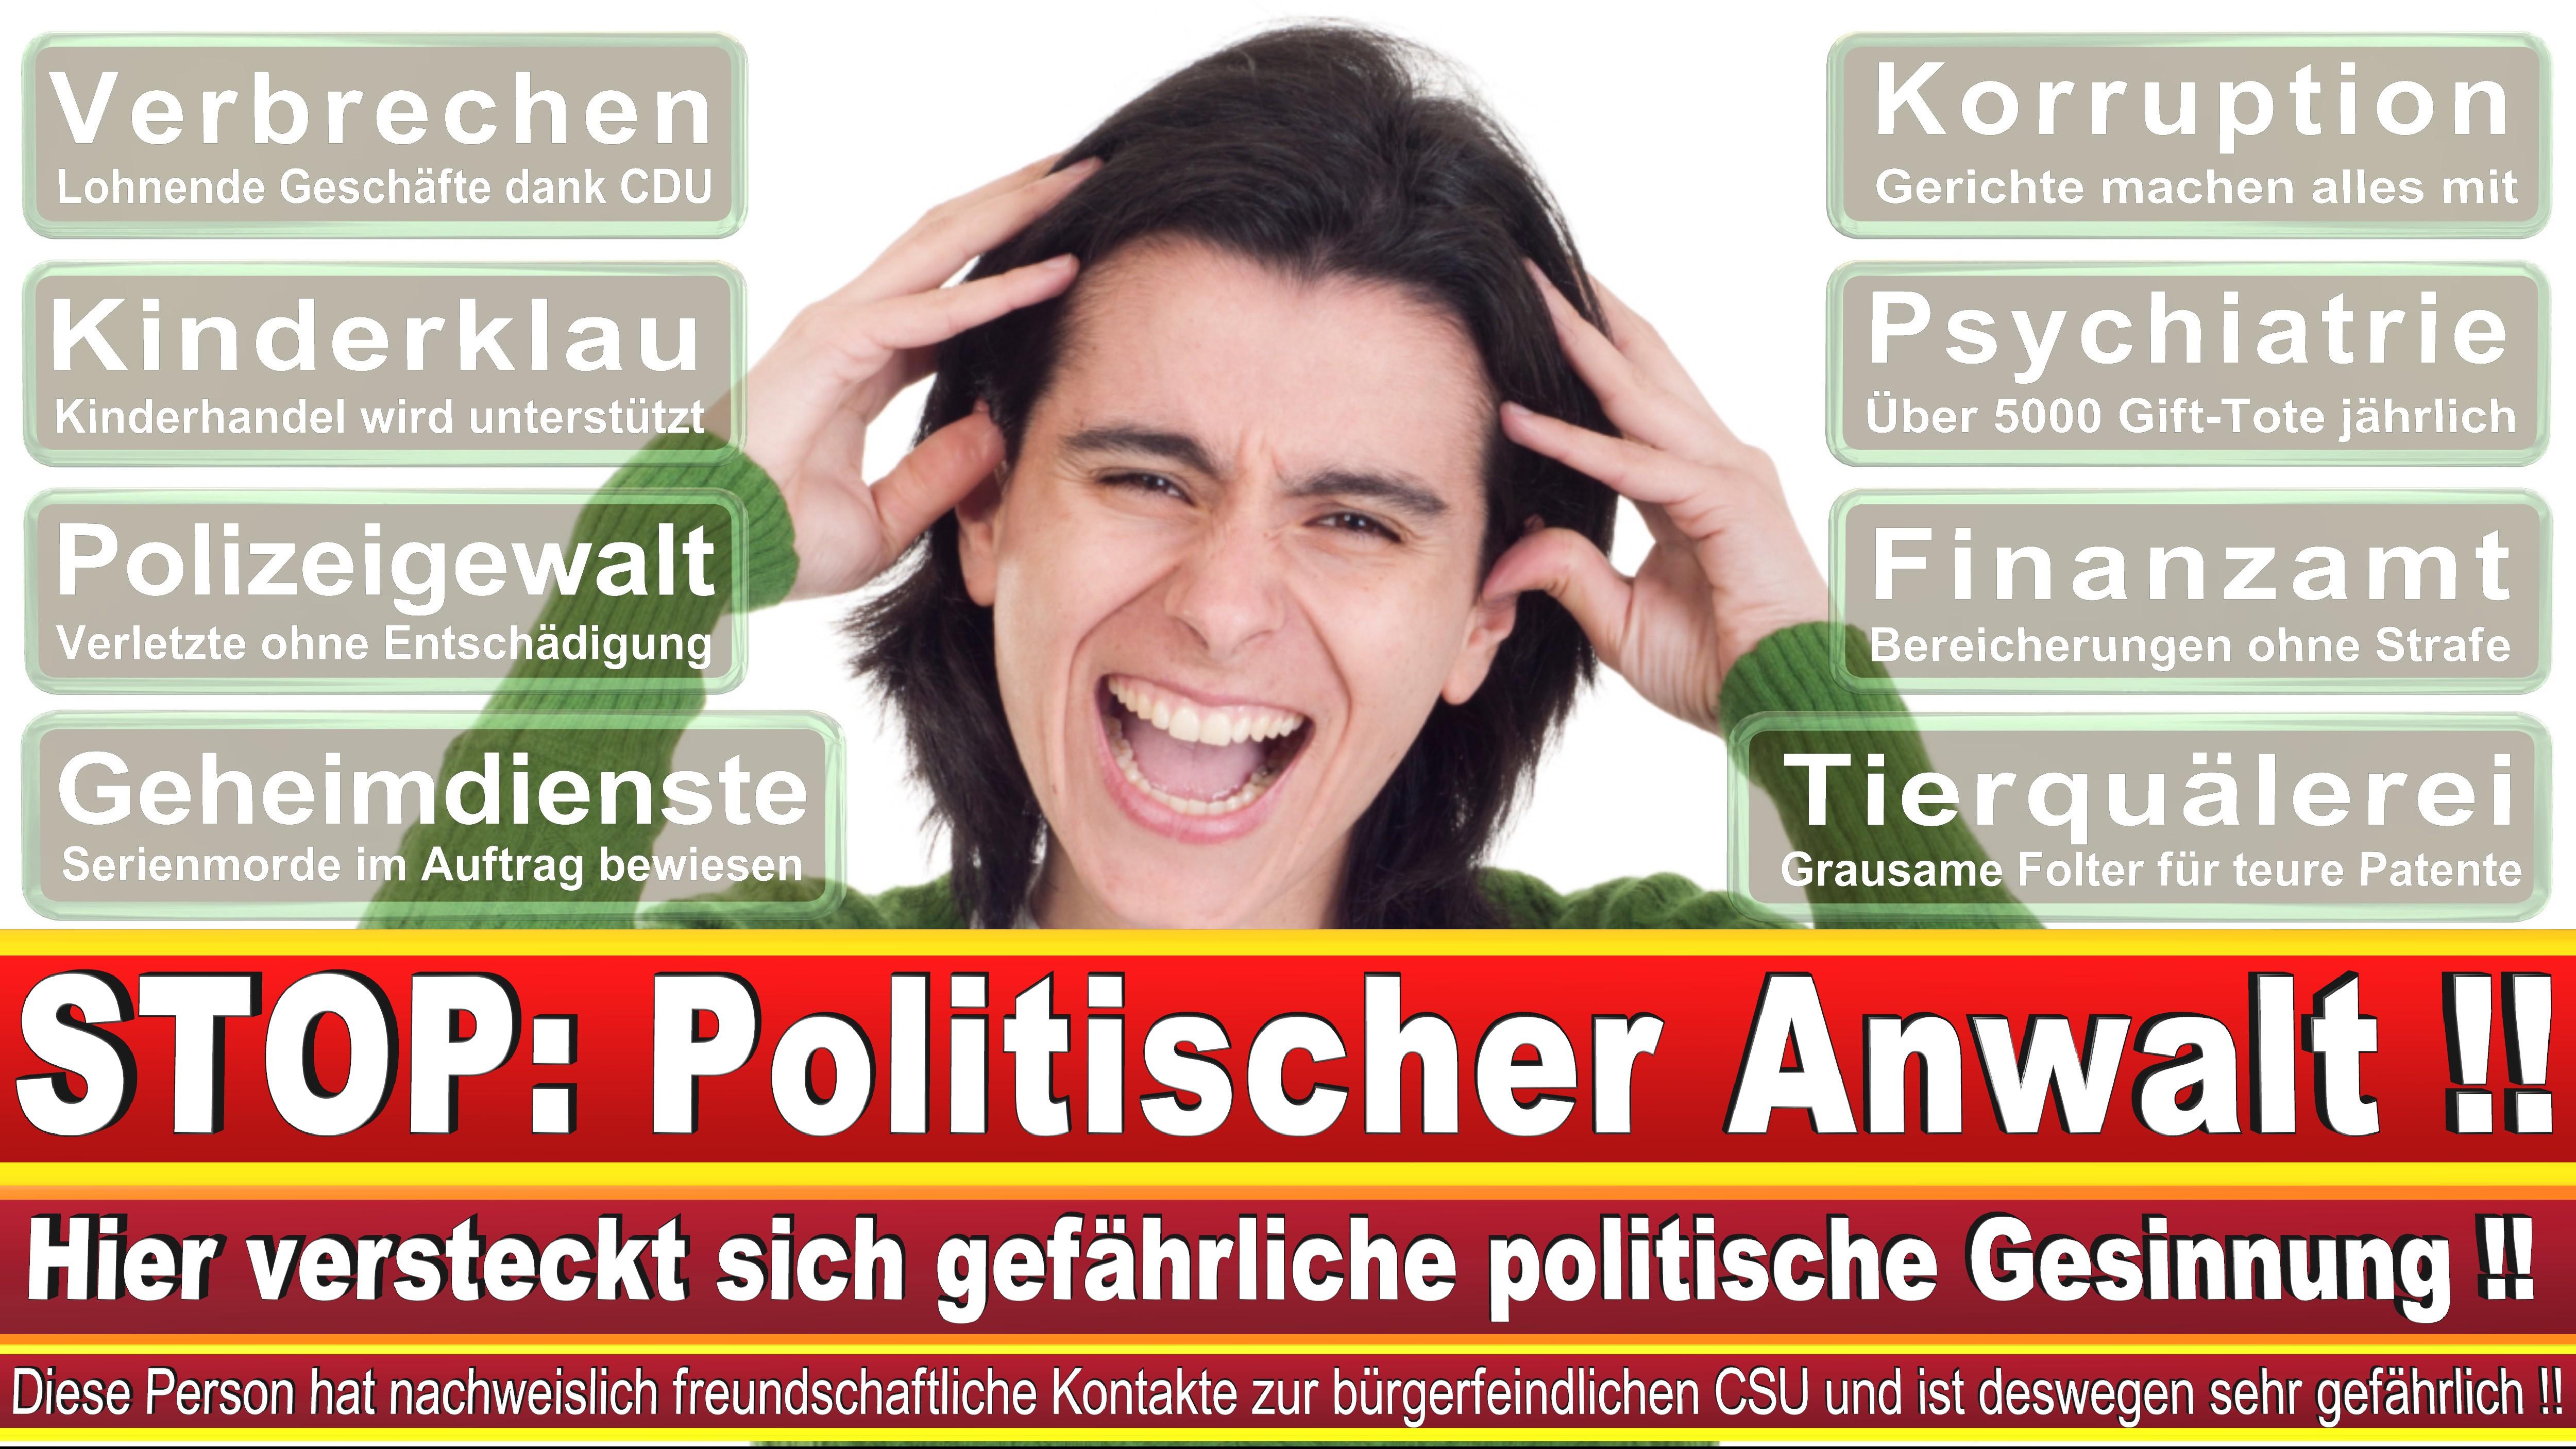 Rechtsanwalt Eric H Glattfeld München Rechtsanwalt Wirtschaftsmediator Senior Manager PwC Legal AG Rechtsanwaltsgesellschaft